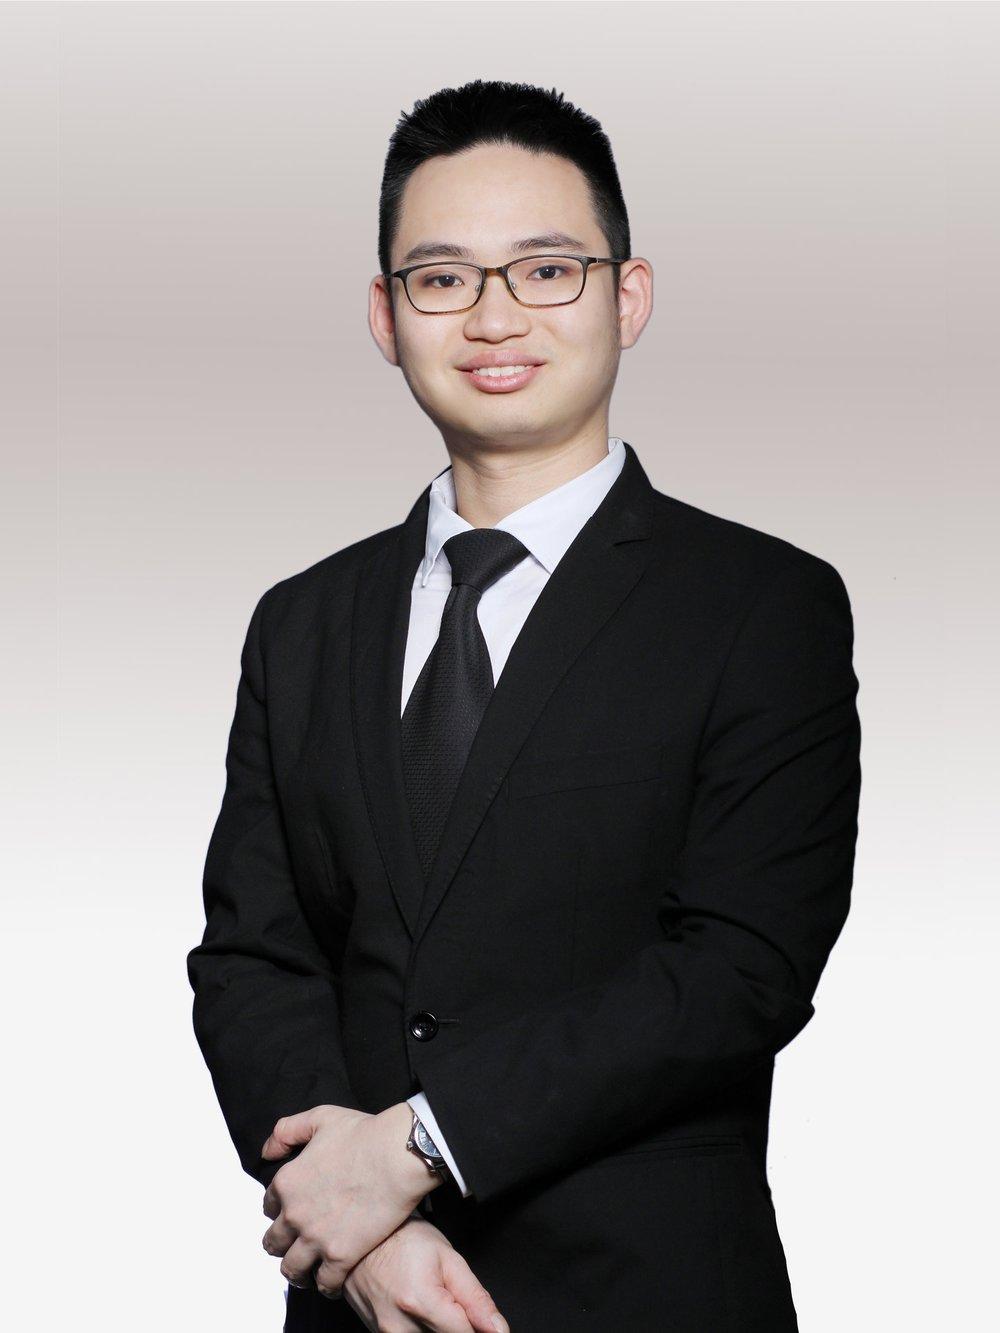 Tan Xian Ying - Senior Associate